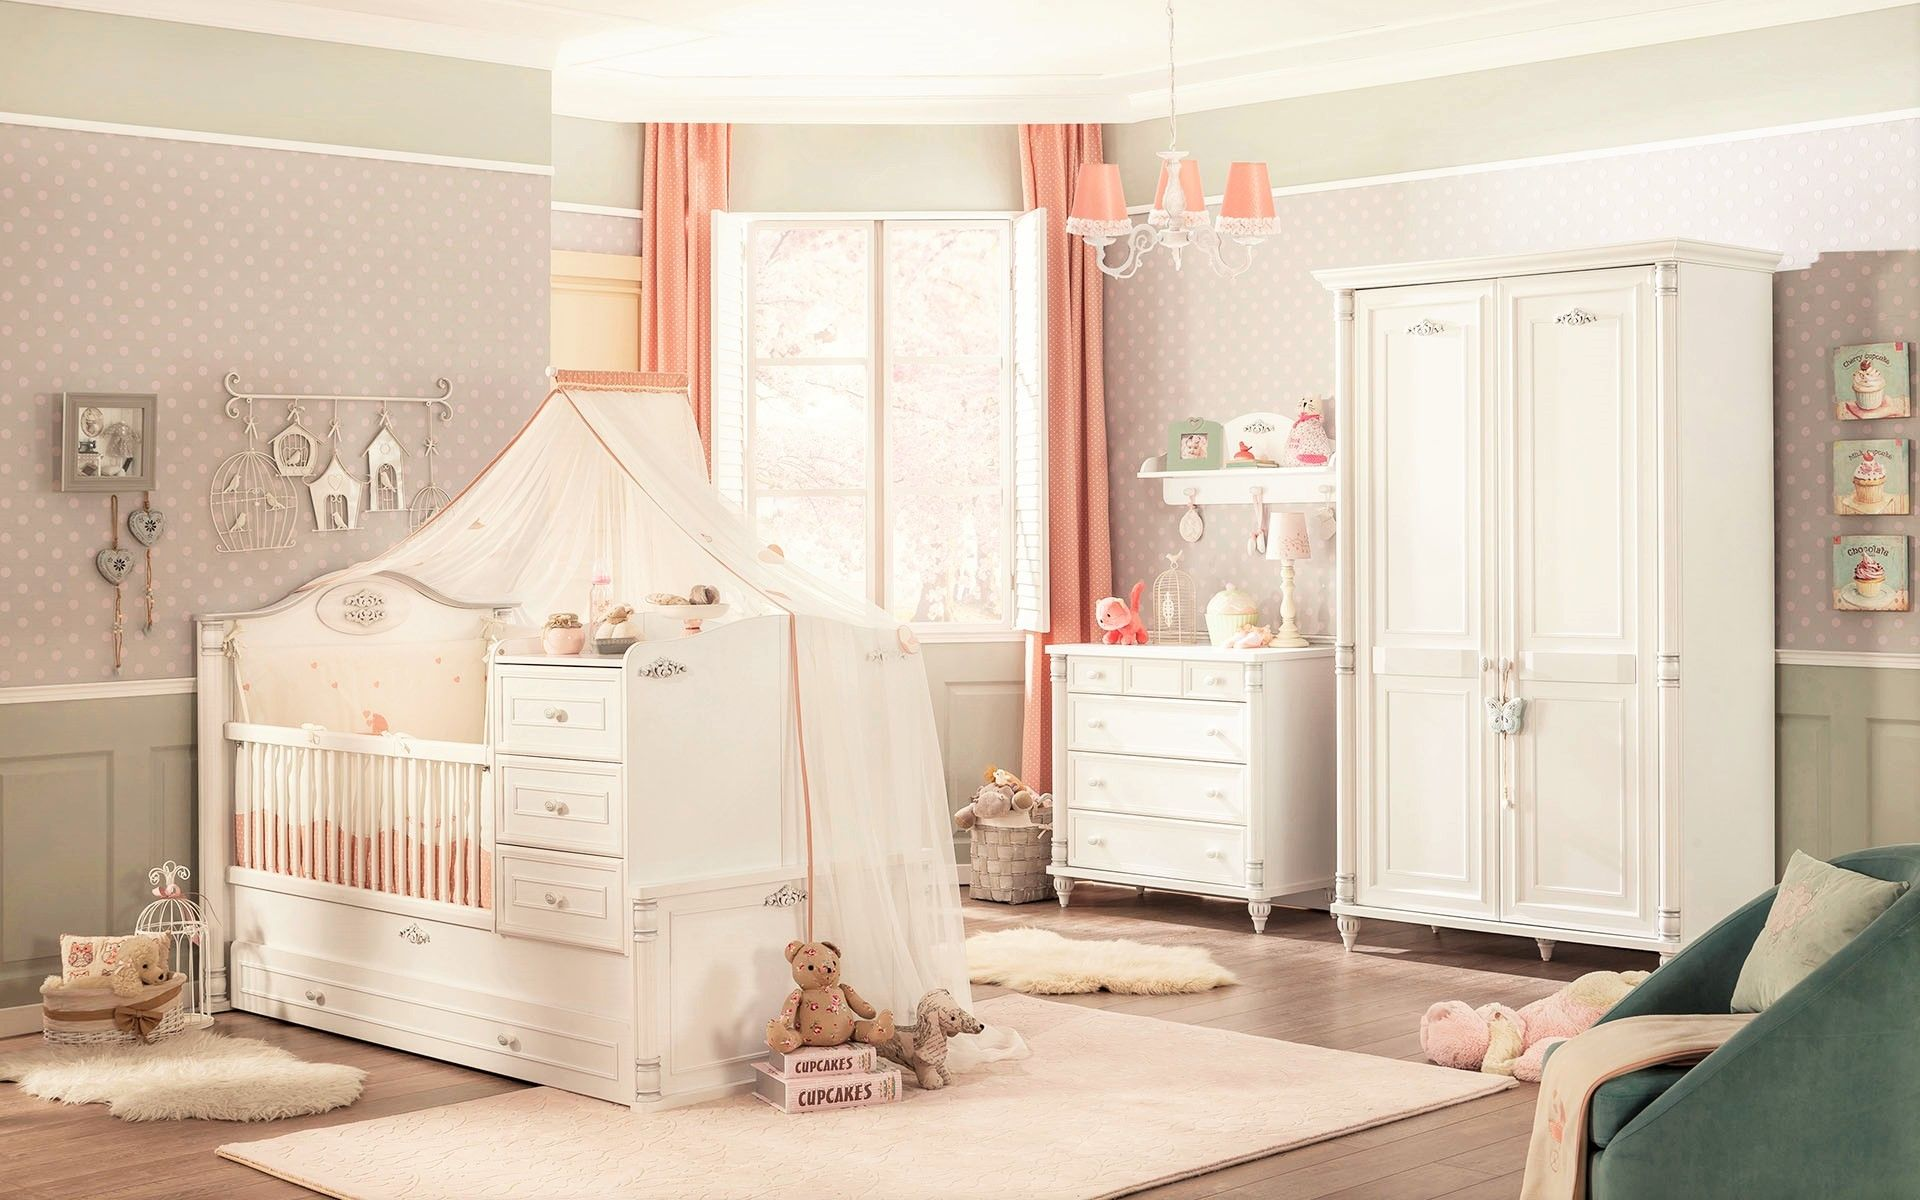 Slaapkamer Voor Baby.Romantic Babykamer Inspiratie Babykamer Baby Slaapkamer